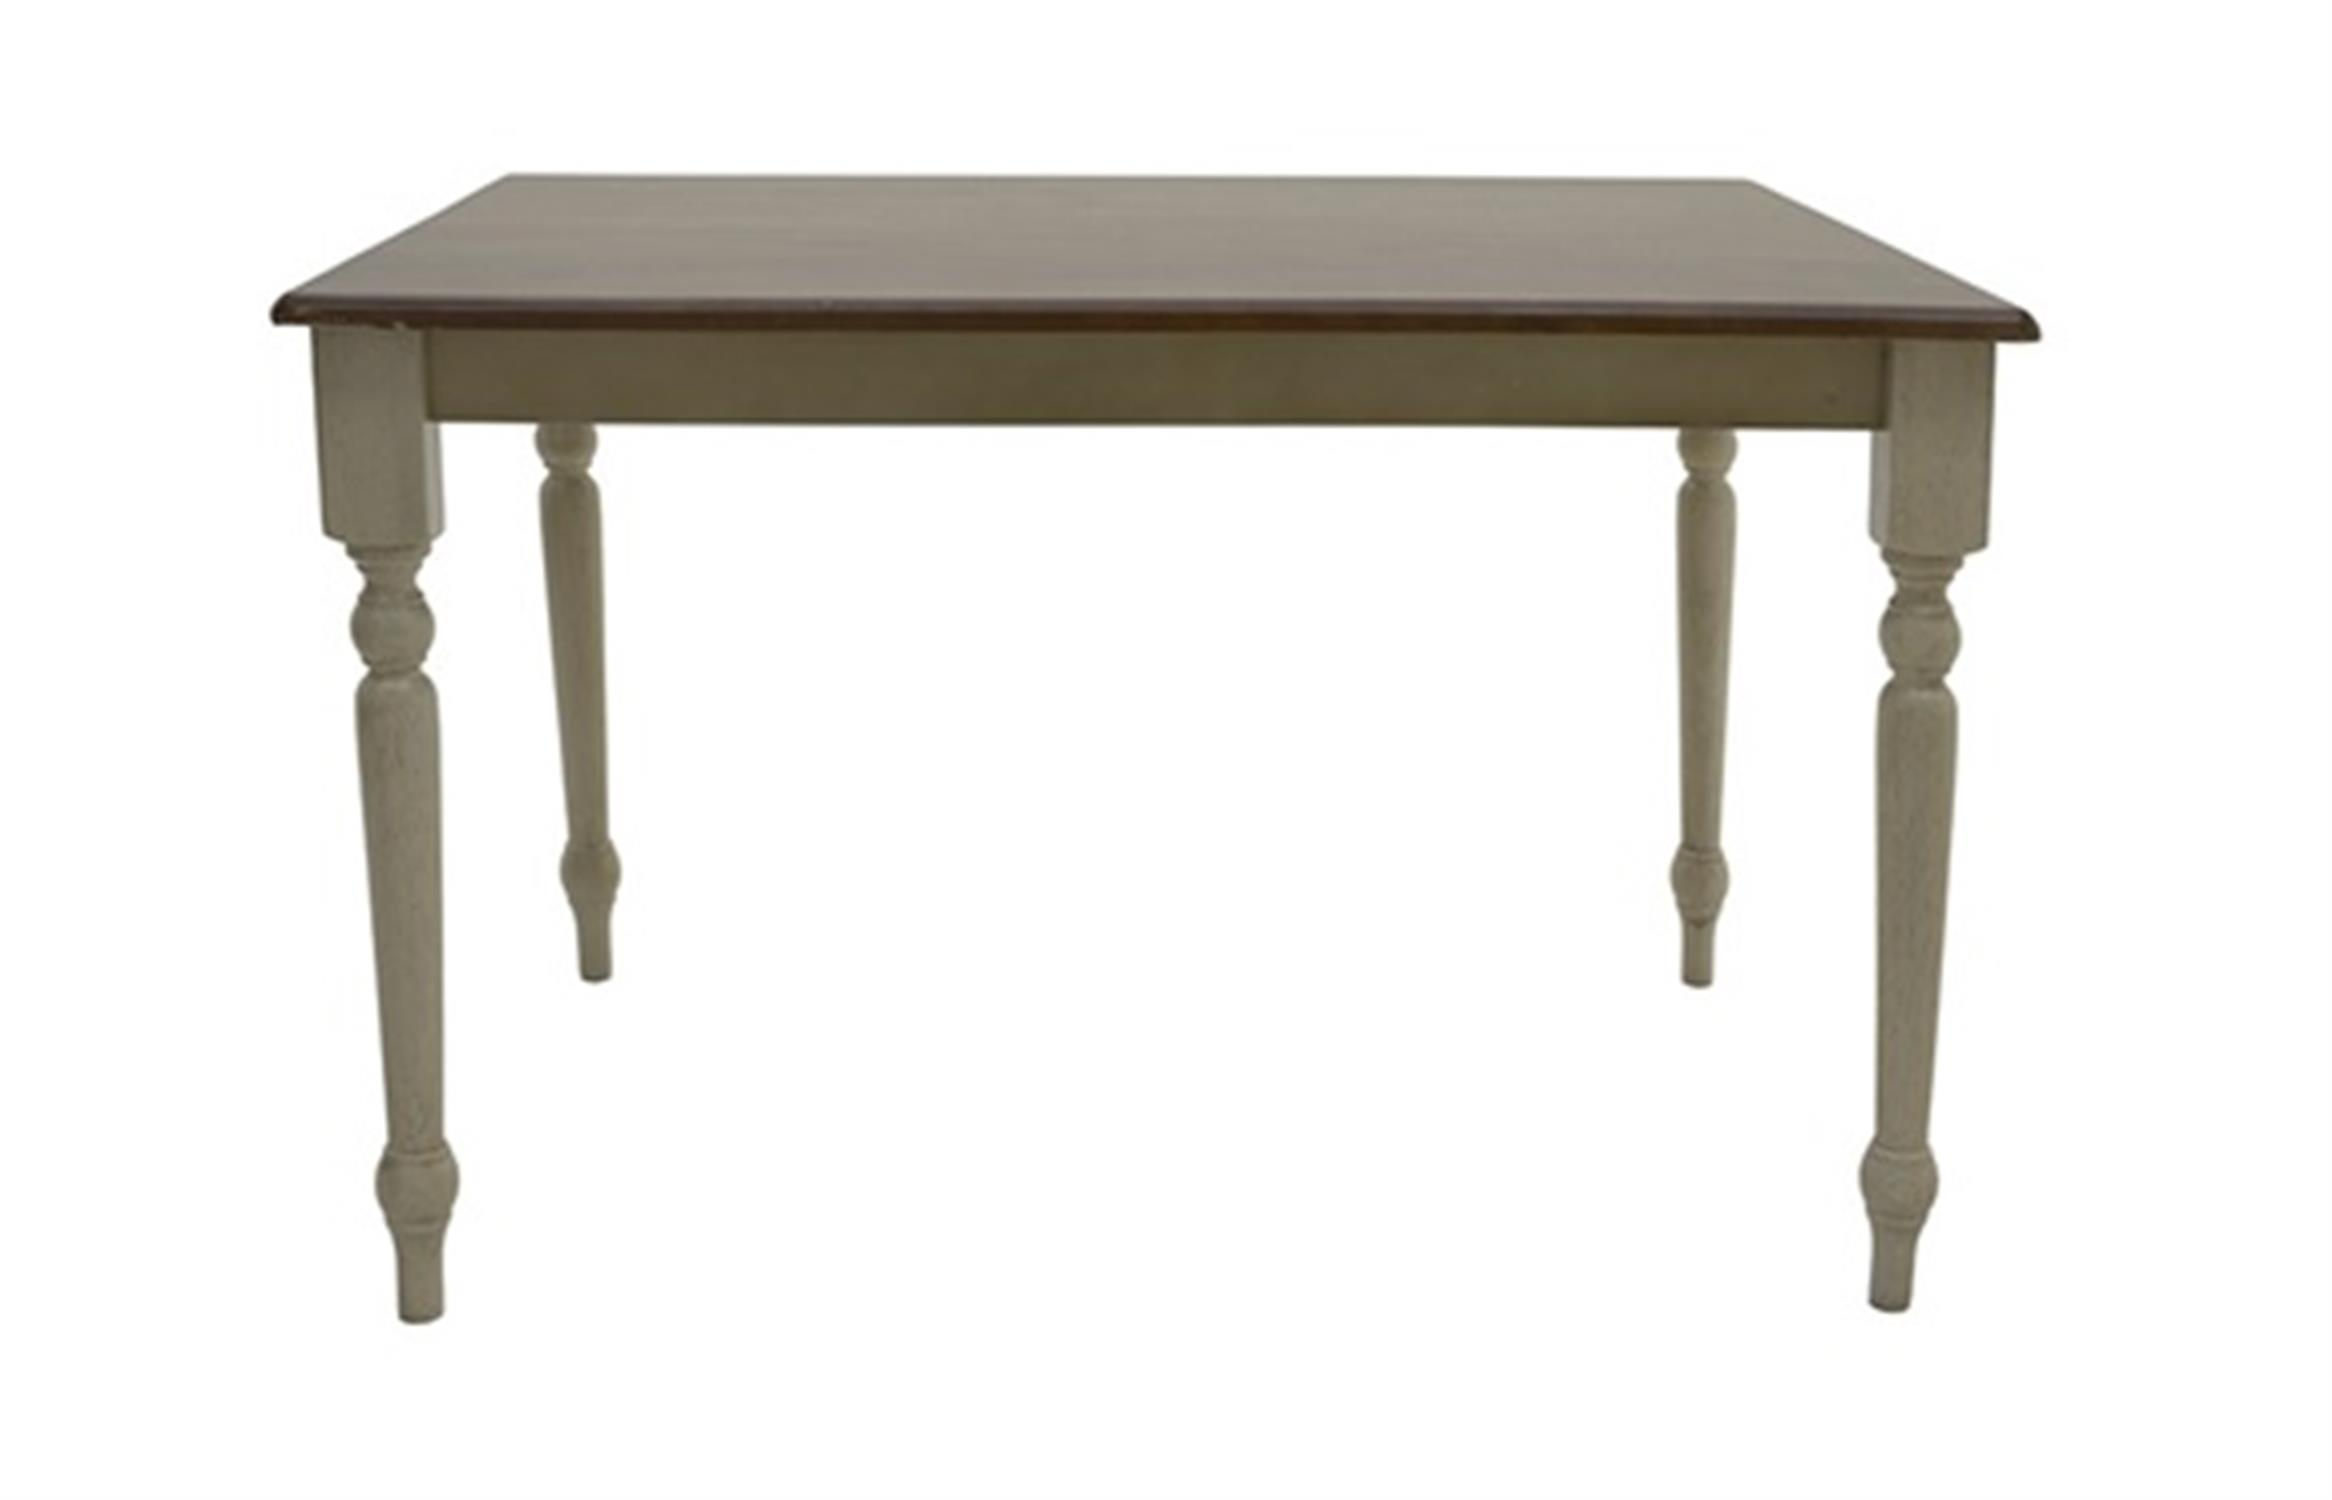 Τραπέζι Oslo ξύλινο decape κρεμ/καφέ 114x74x75cm Home Plus 02.01.0078